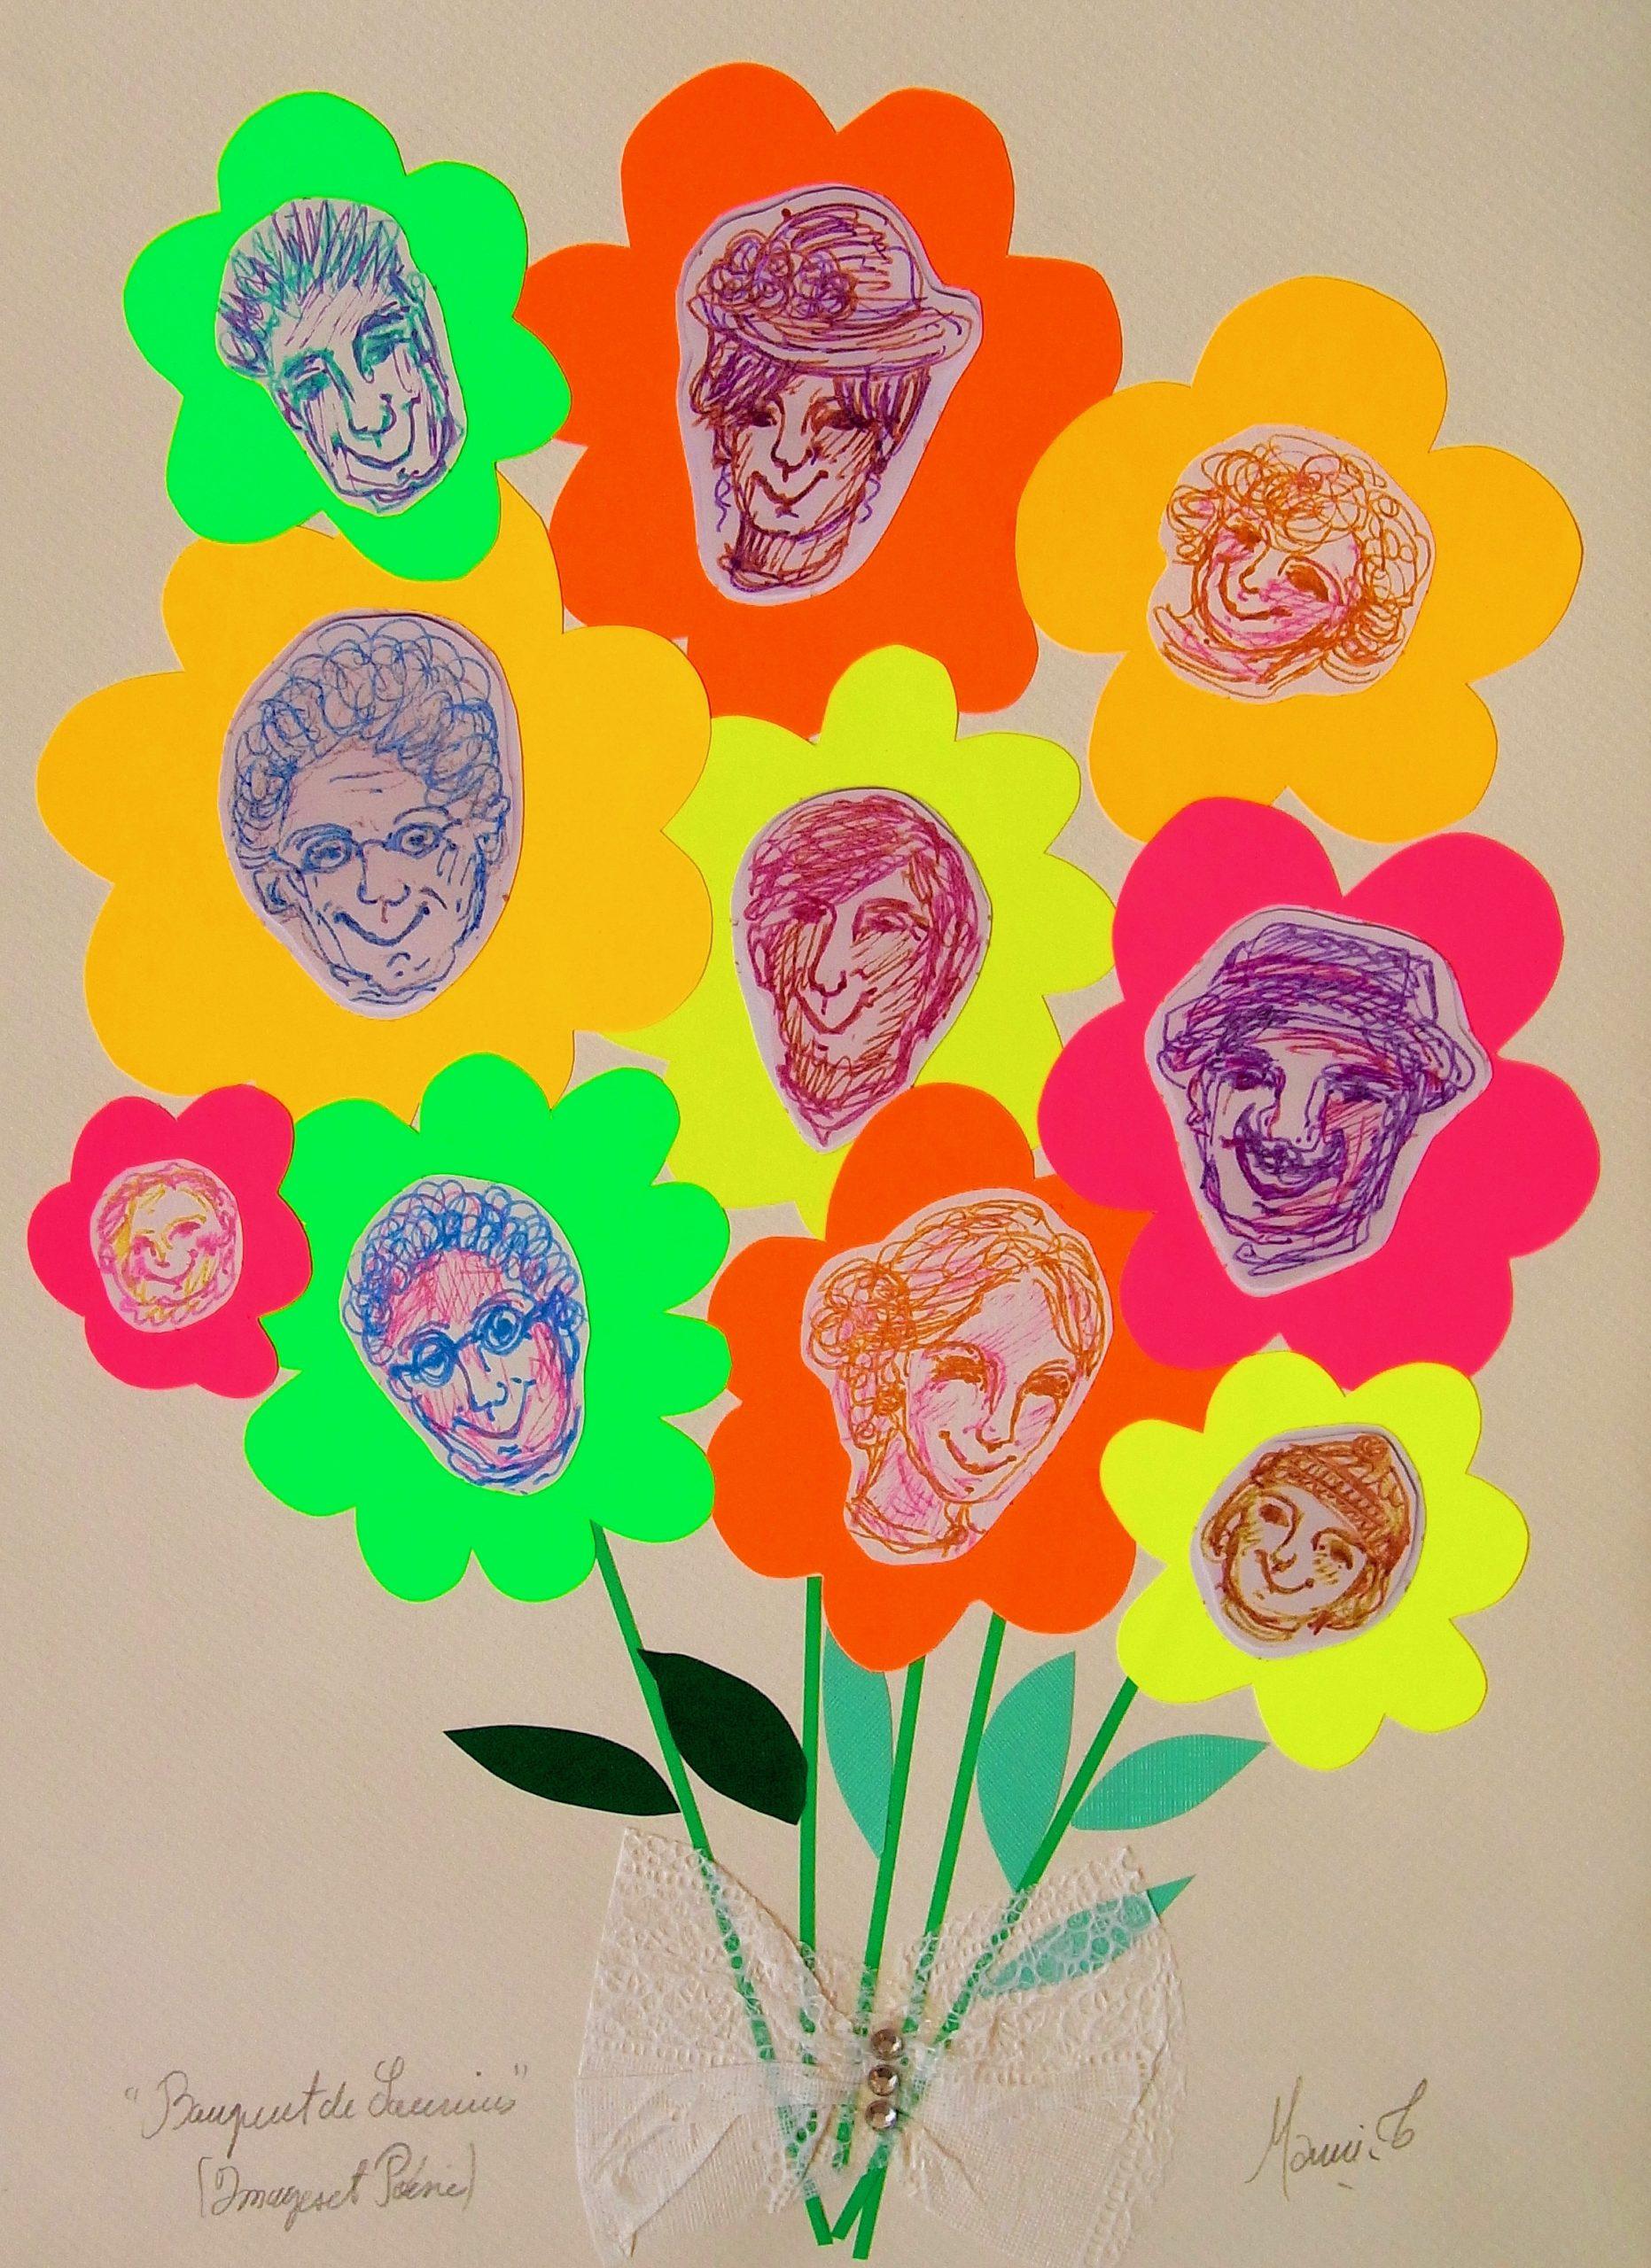 MAMI/ Images et Poésie, Bouquet de Sourires